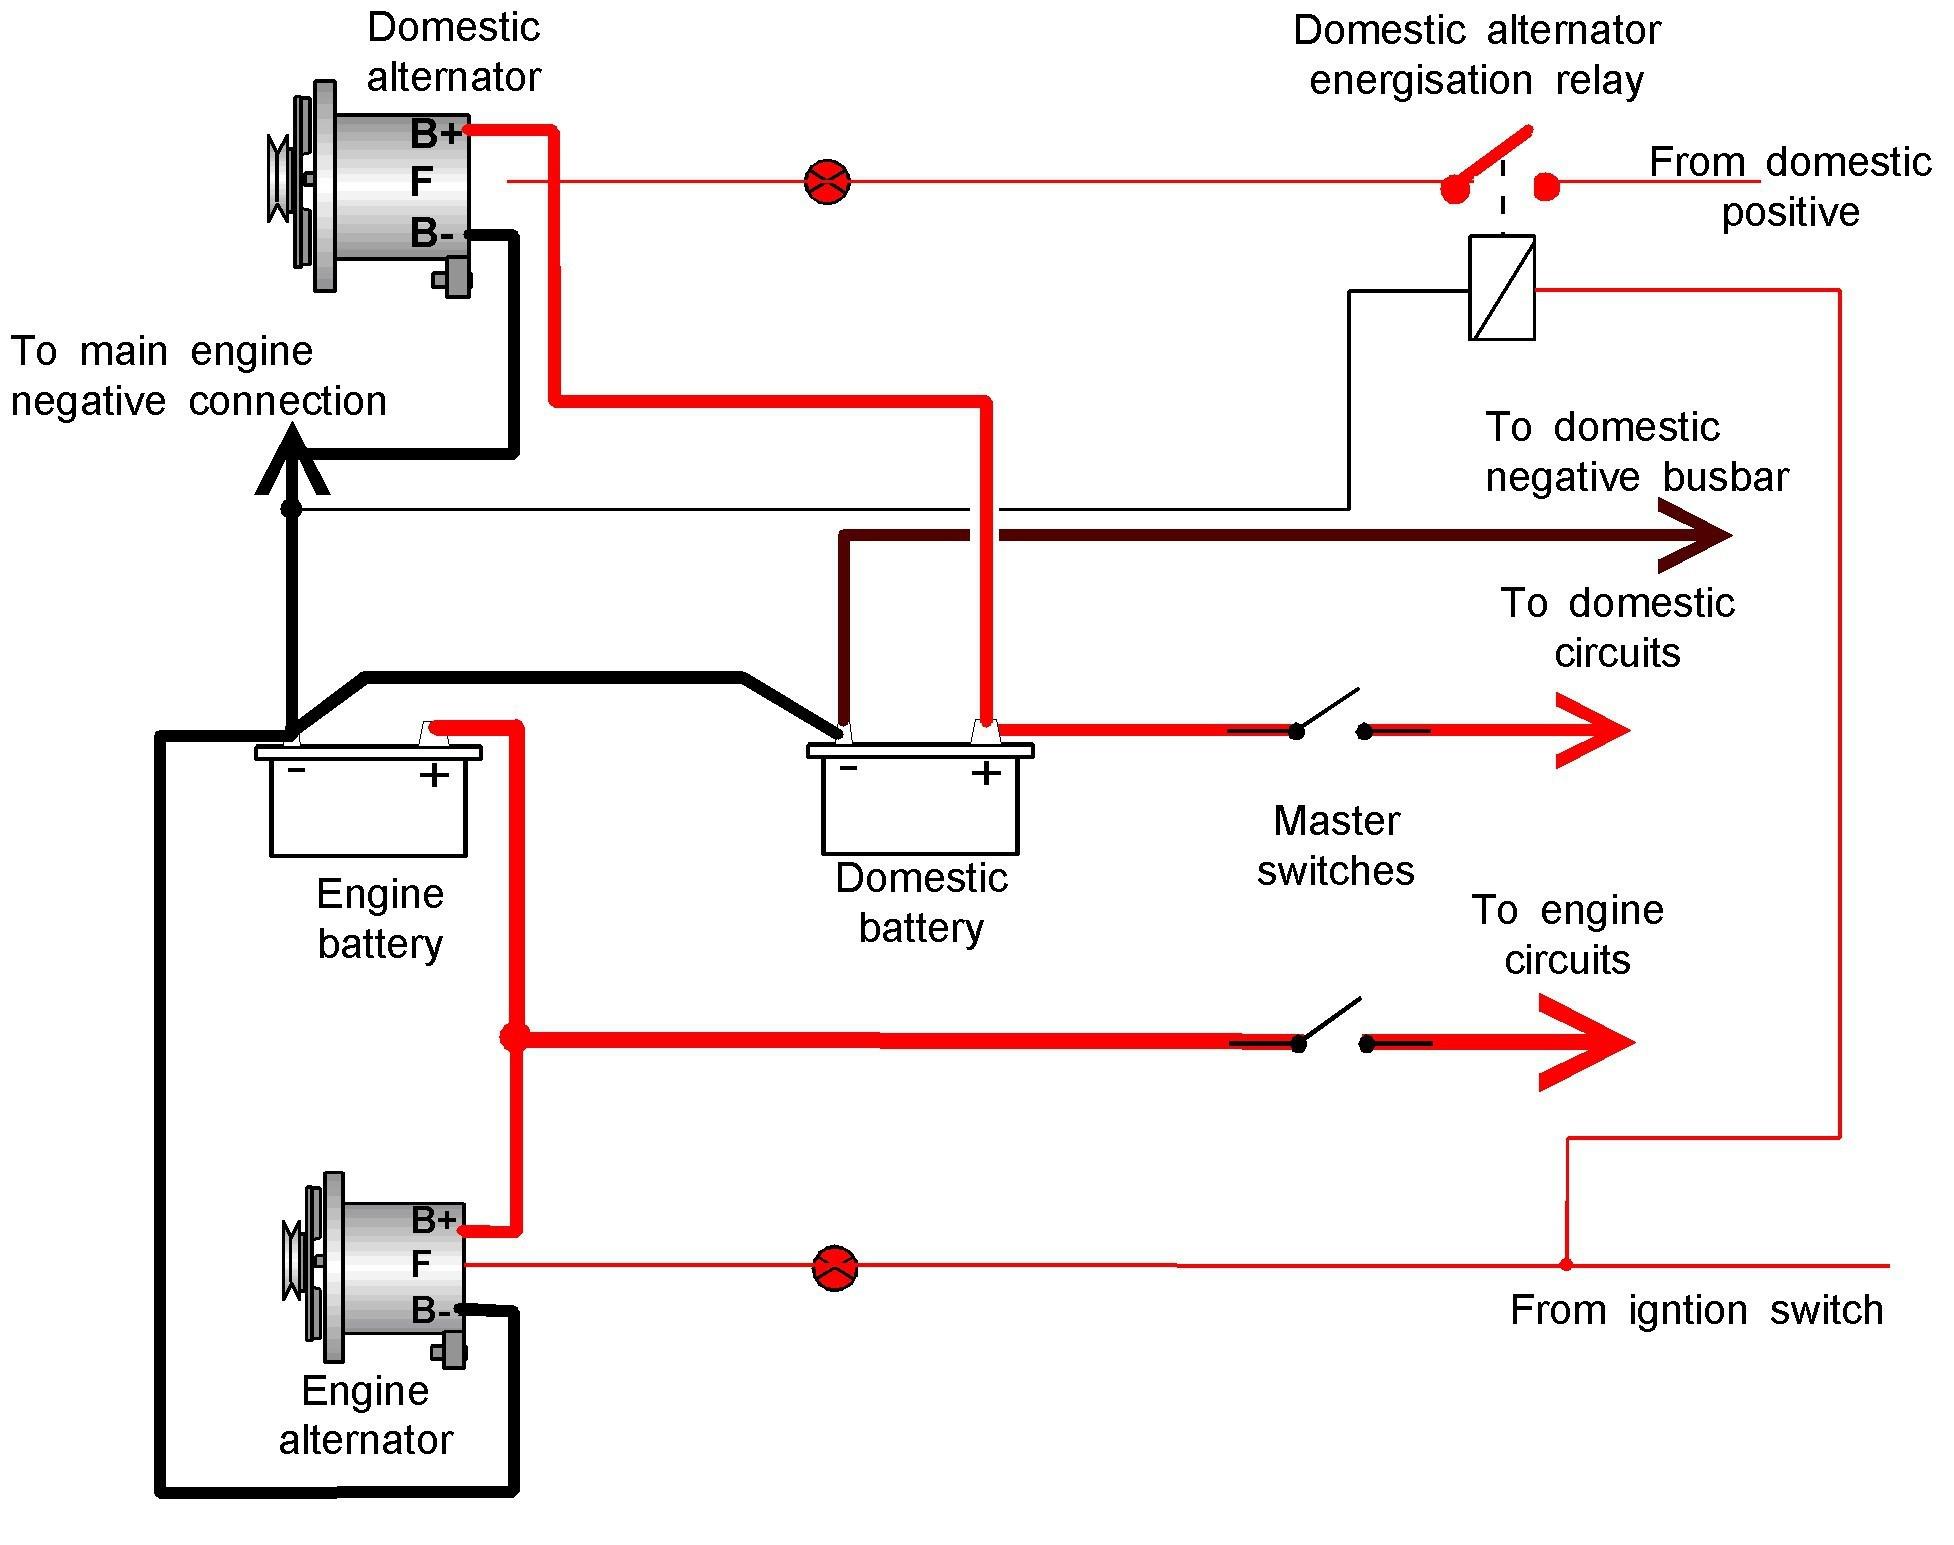 Gm Alternator Wiring Schematic | Free Wiring Diagram